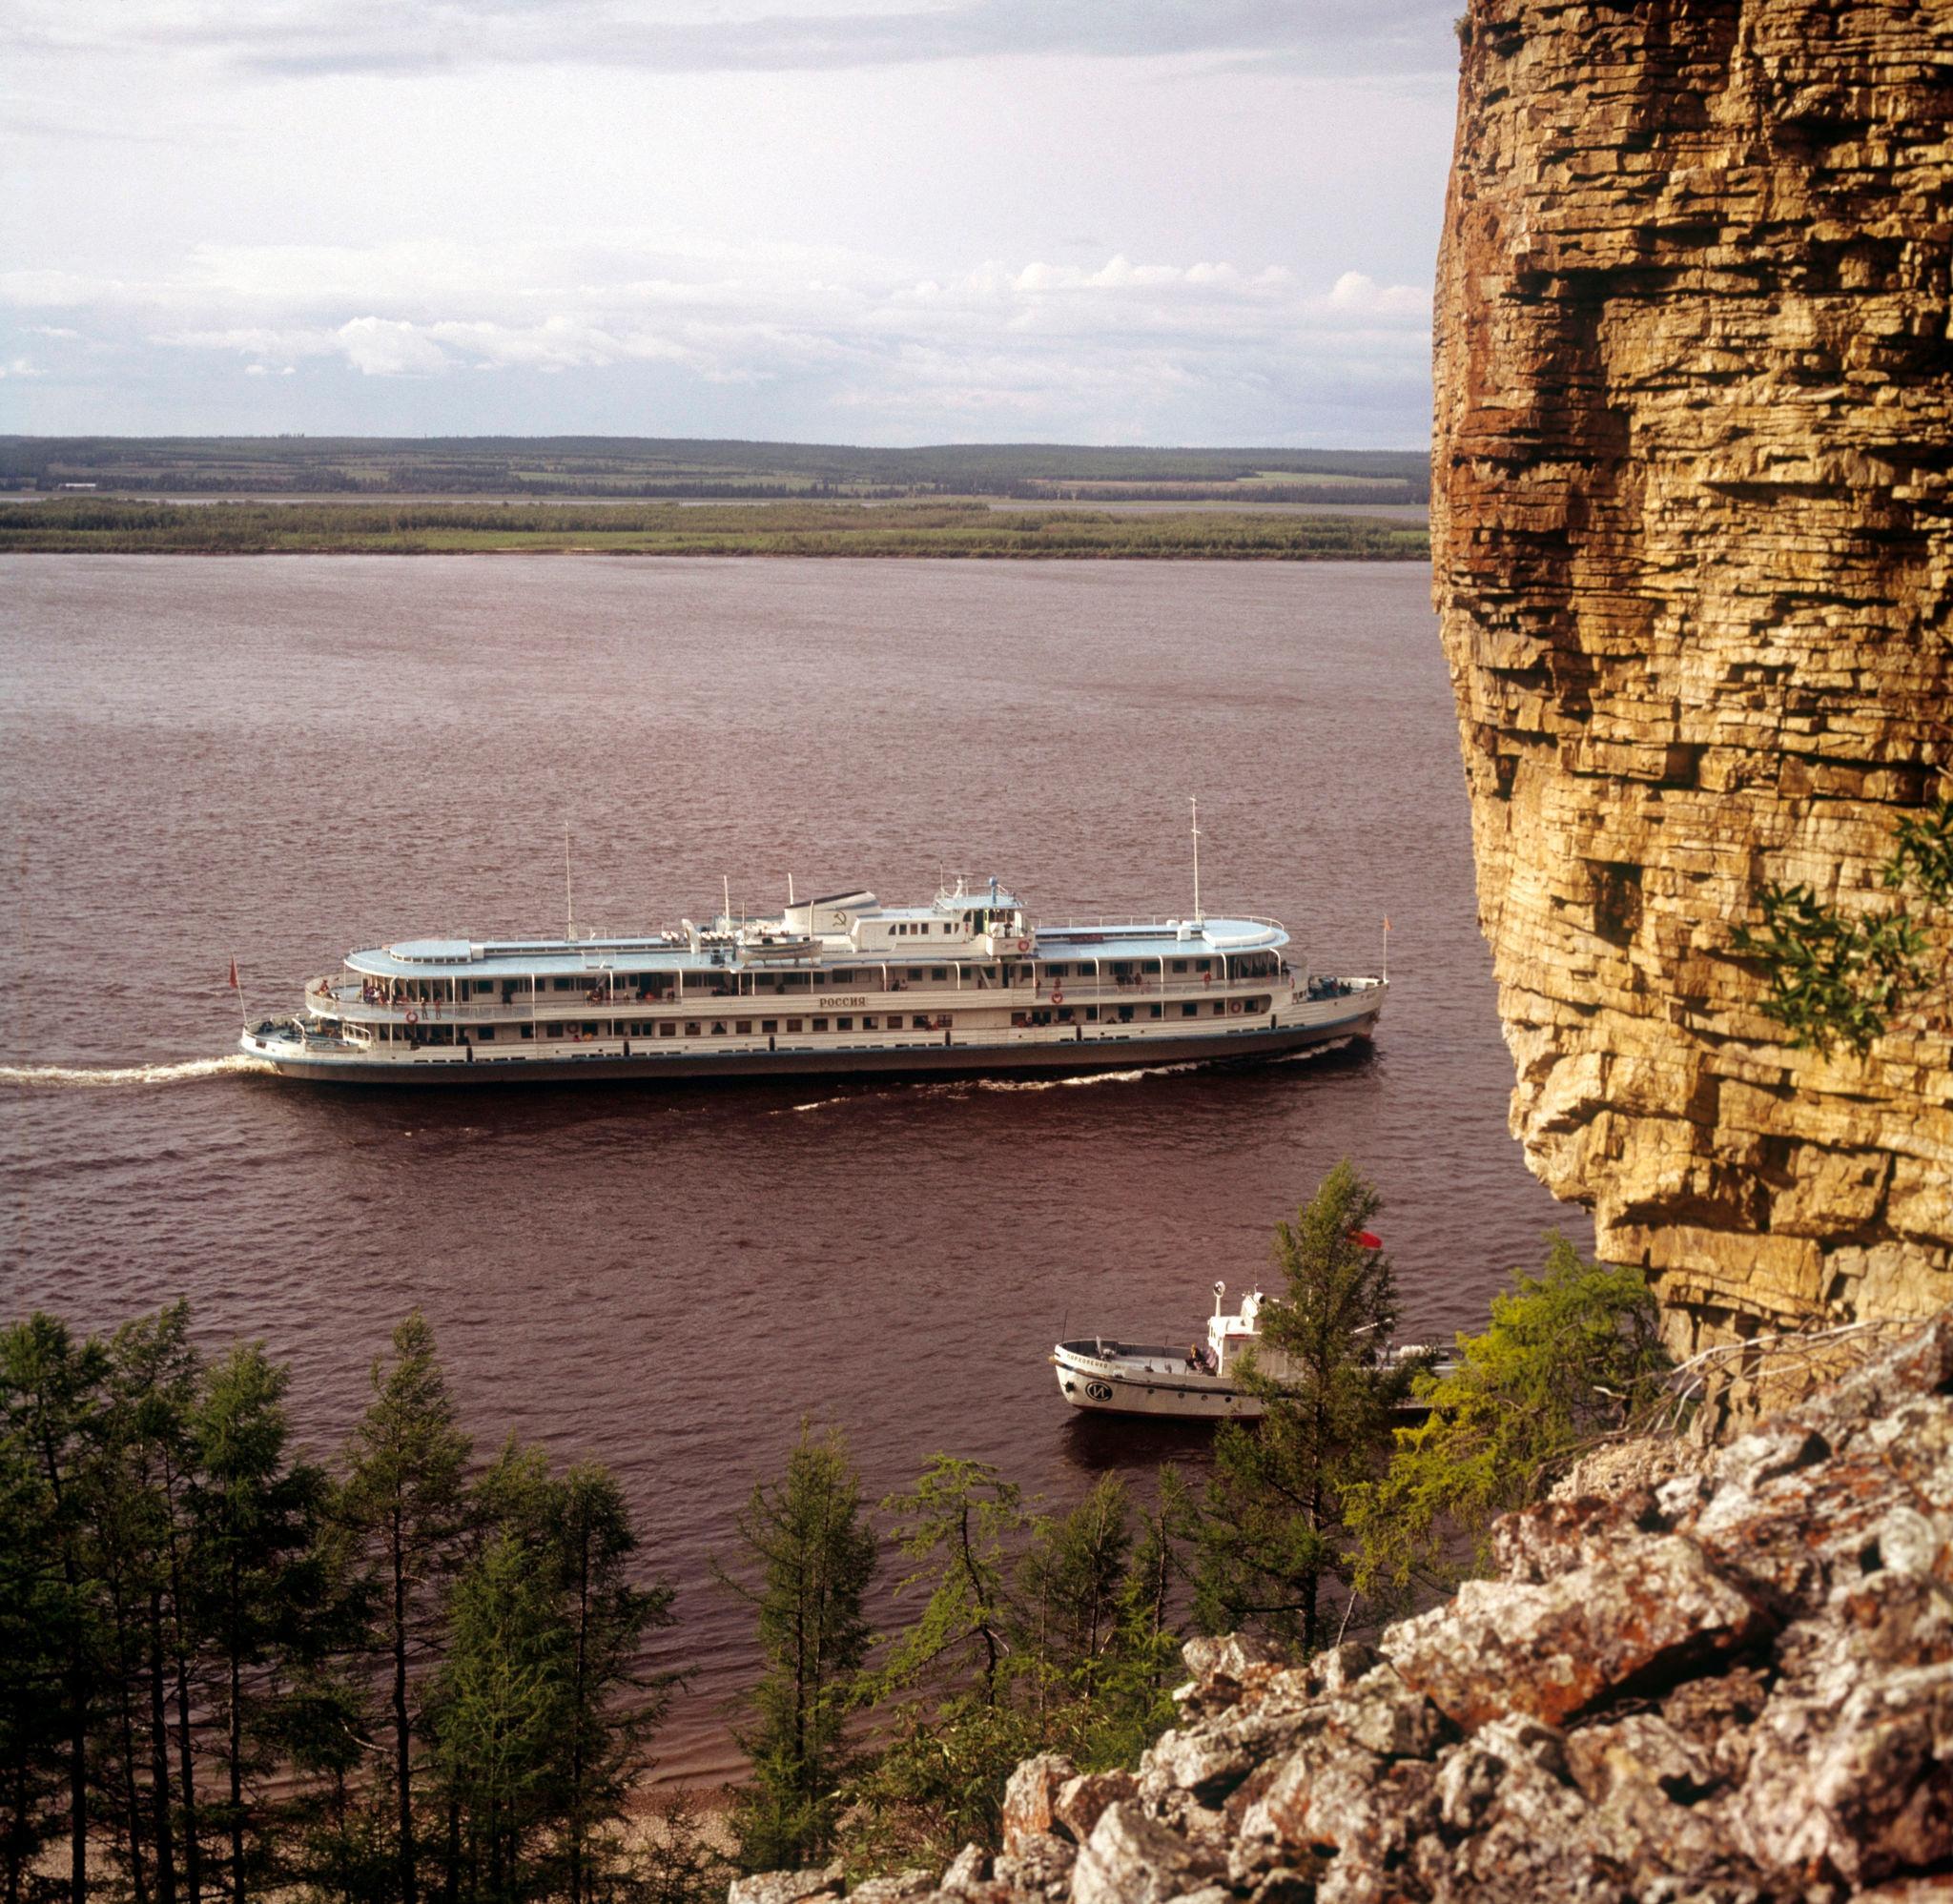 1970-е. Река Лена, пассажирский теплоход 'Россия'